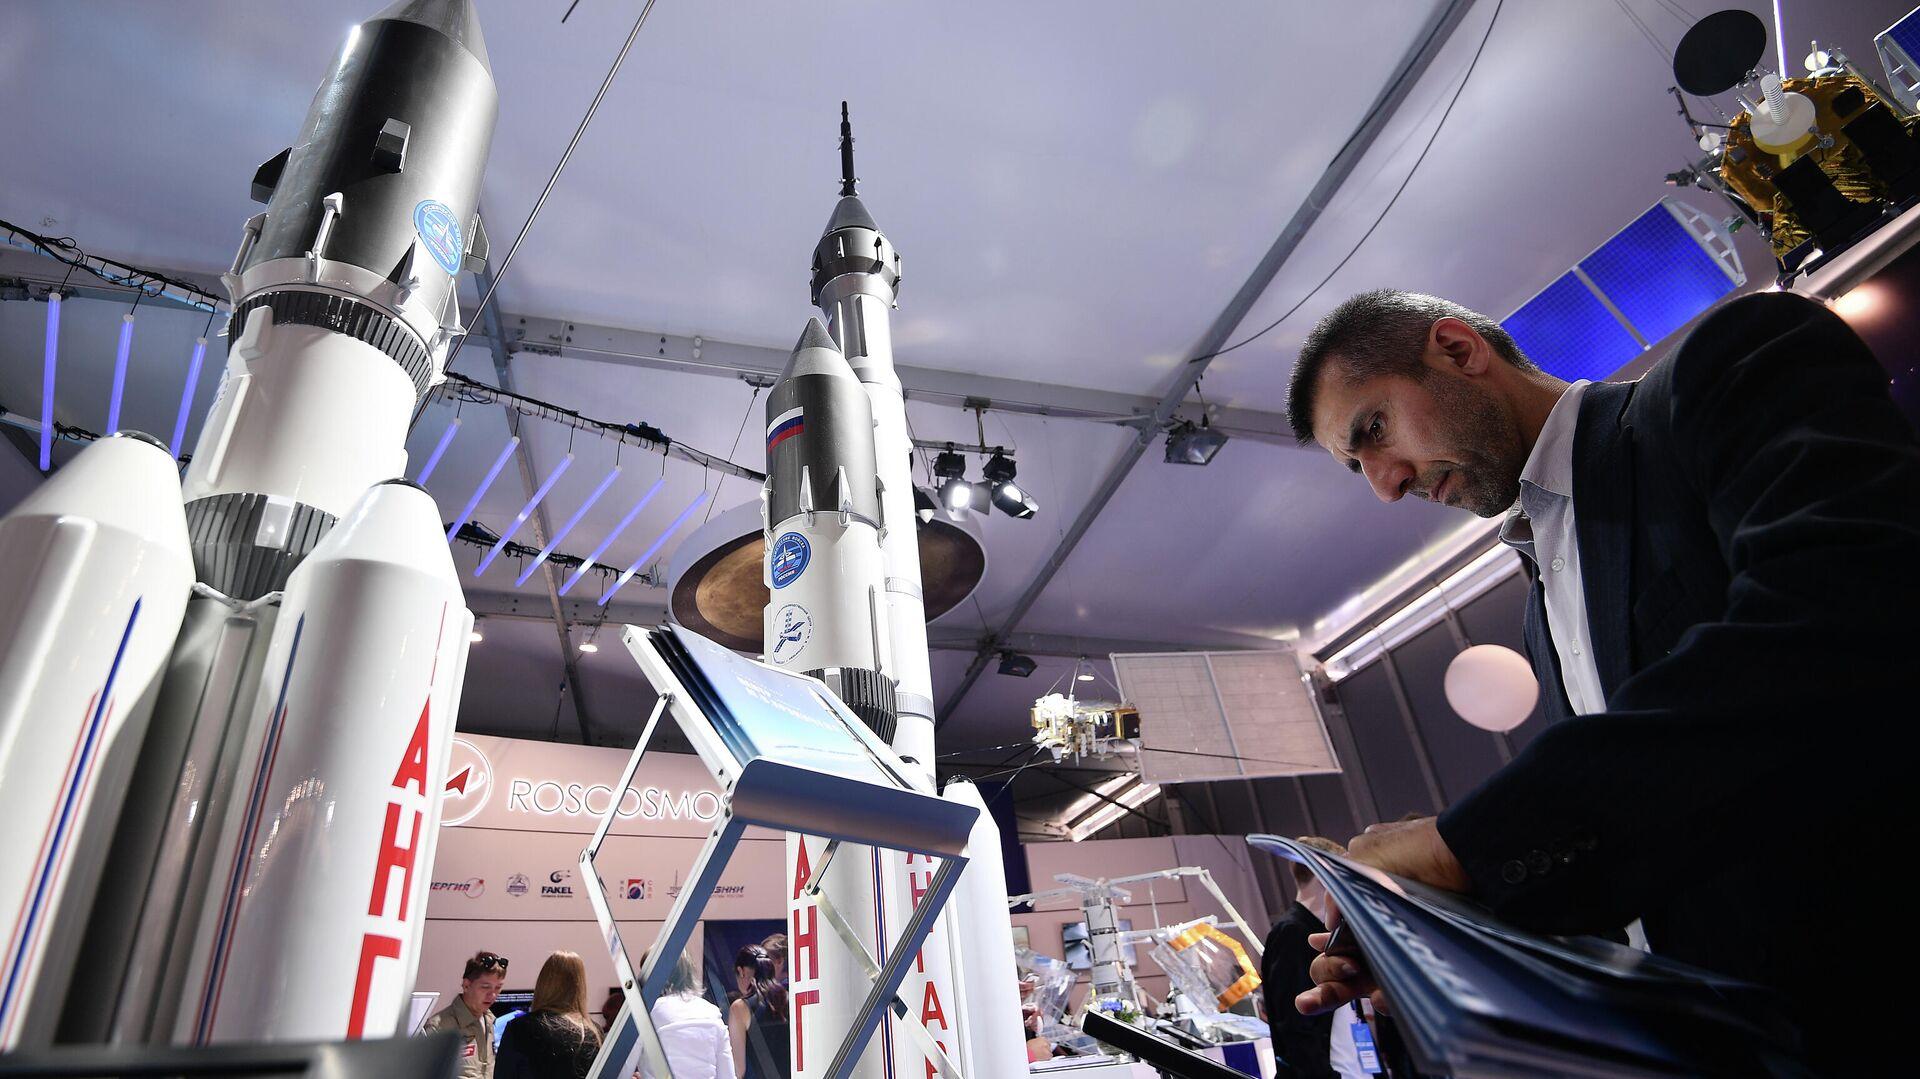 Макеты ракетоносителей Ангара-А5 на стенде Роскосмоса  - РИА Новости, 1920, 06.08.2020